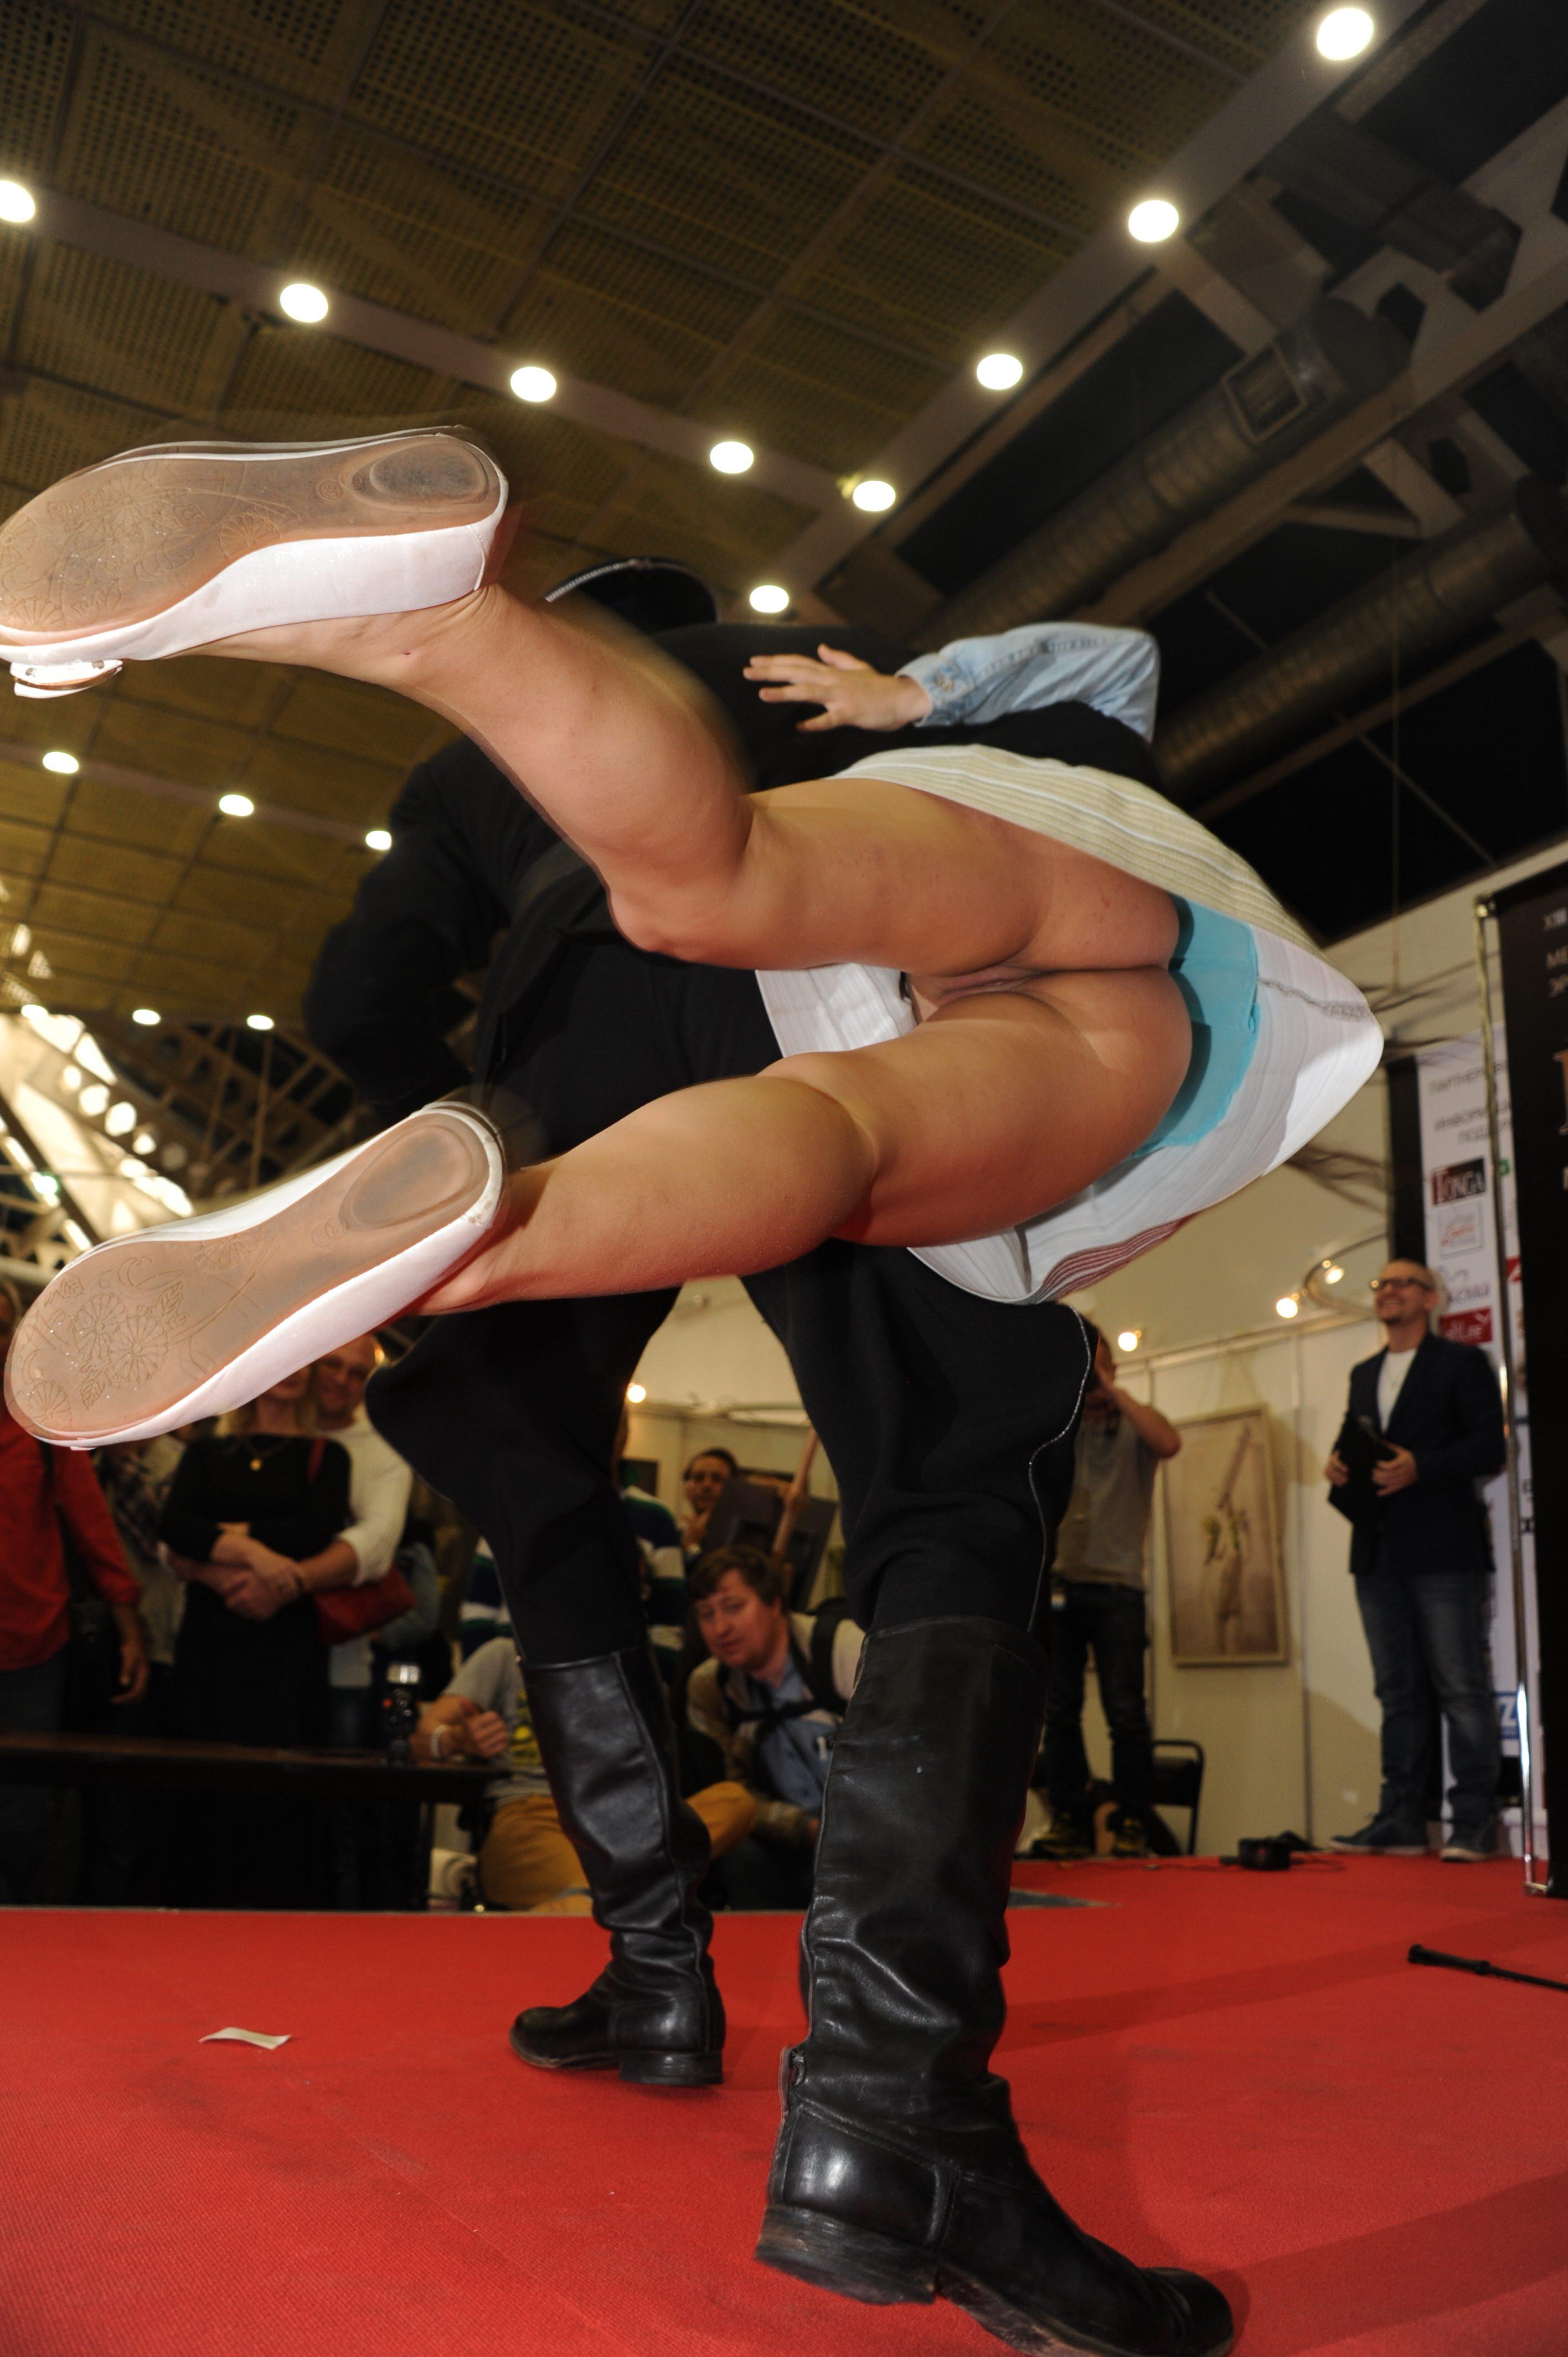 Танцы под юбкой эротика в танцах 5 фотография